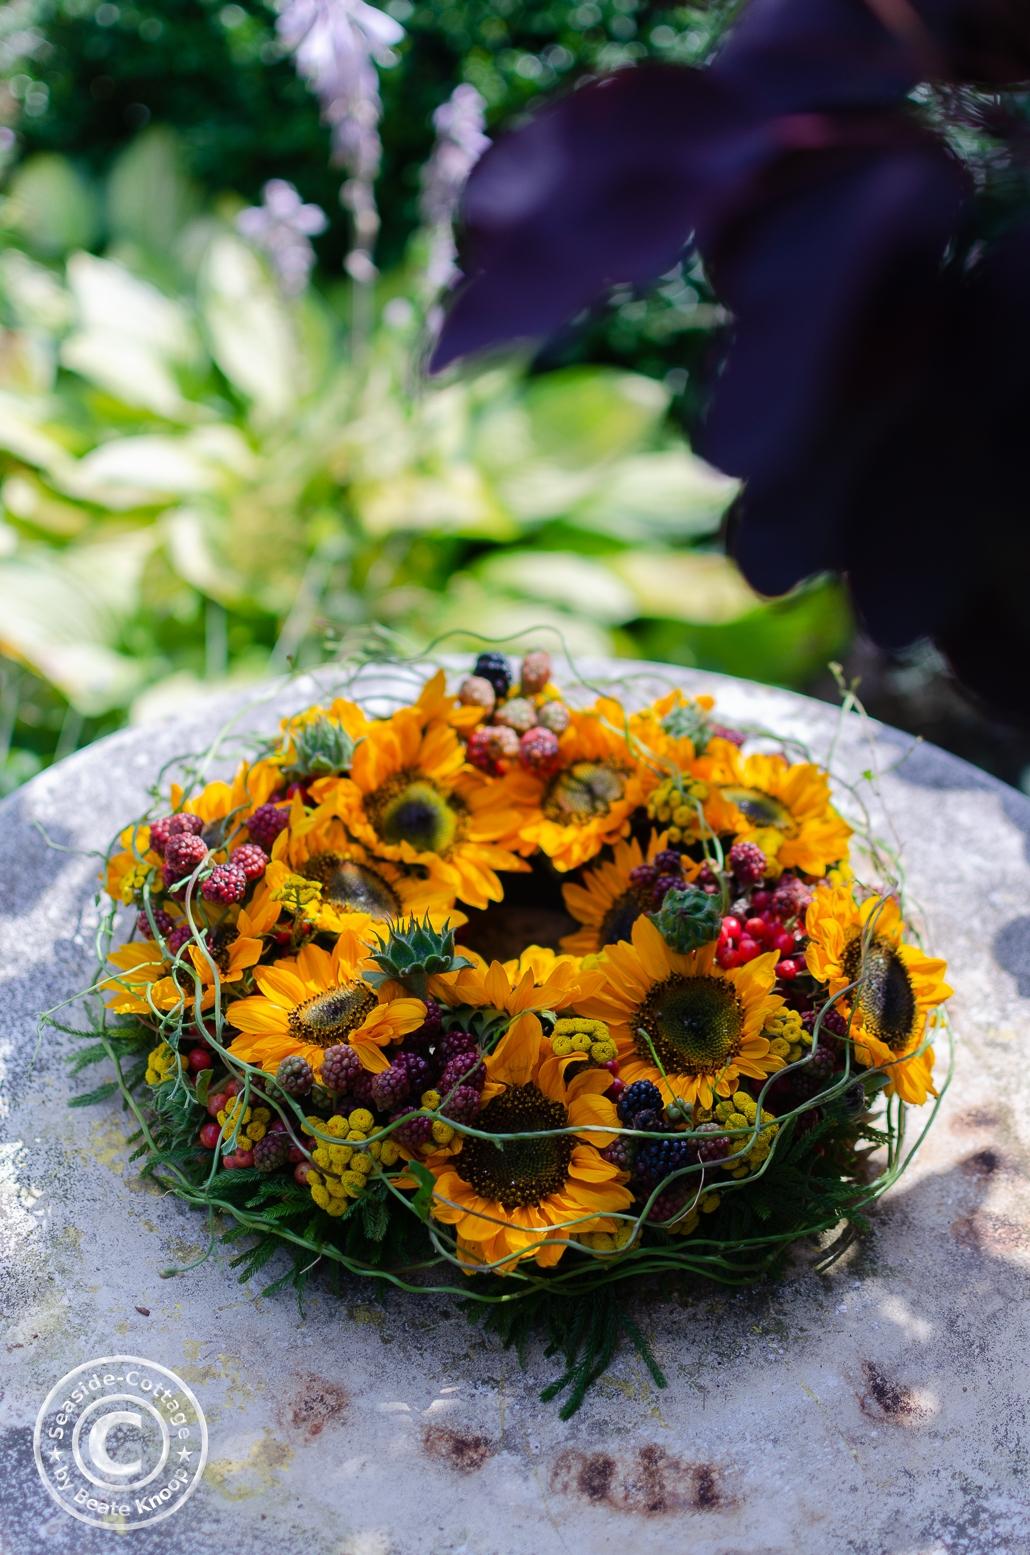 Sonnenblumenkranz im Garten auf einem Gartentisch